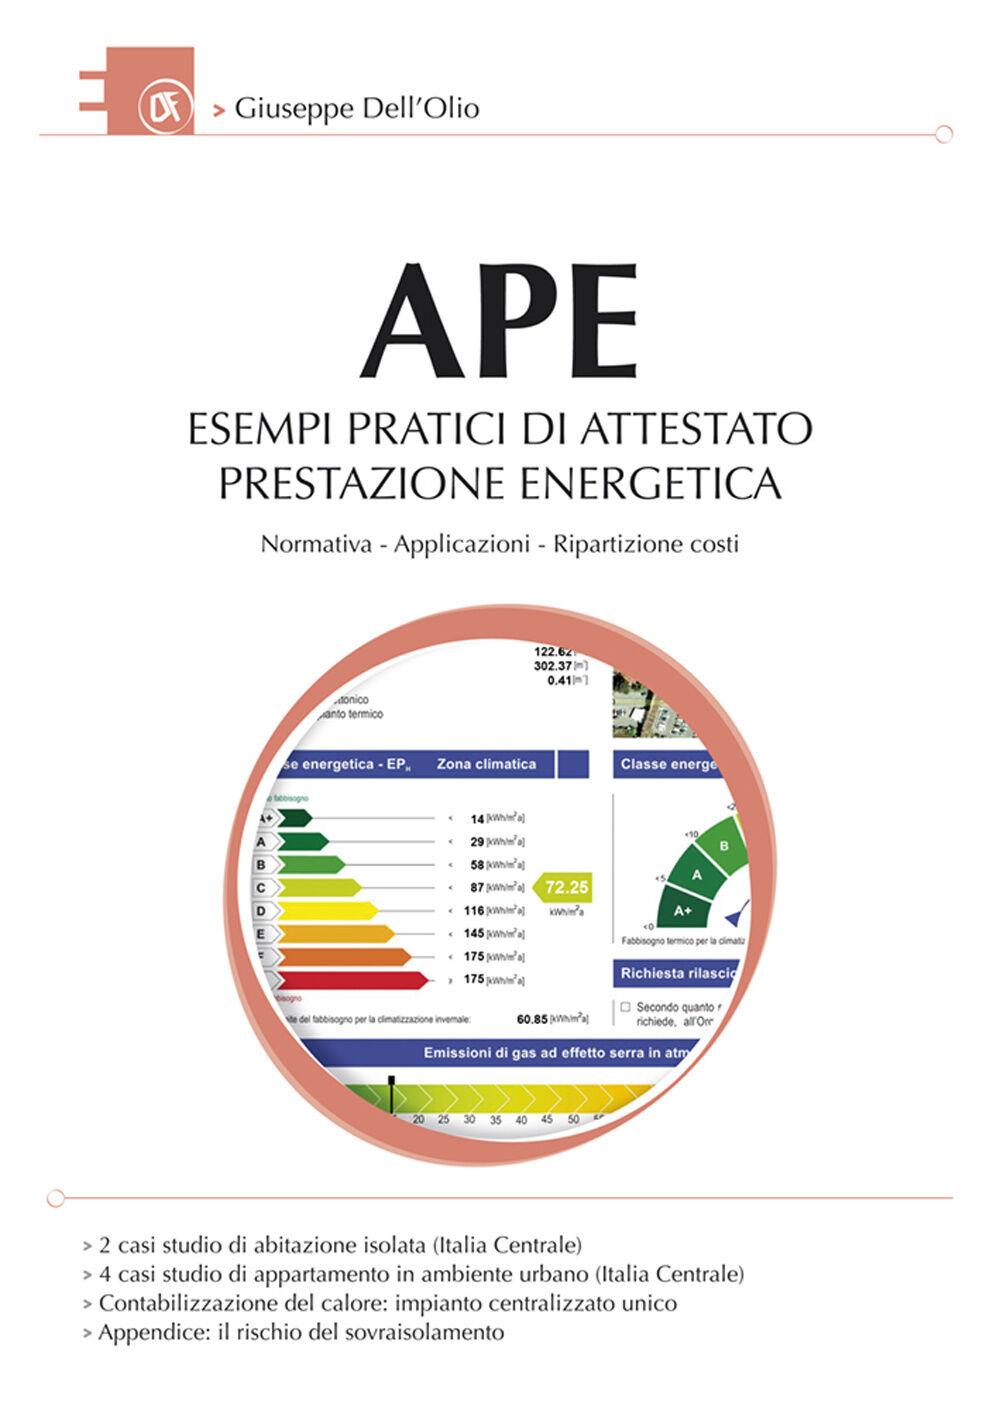 APE esempi pratici di attestato prestazione energetica